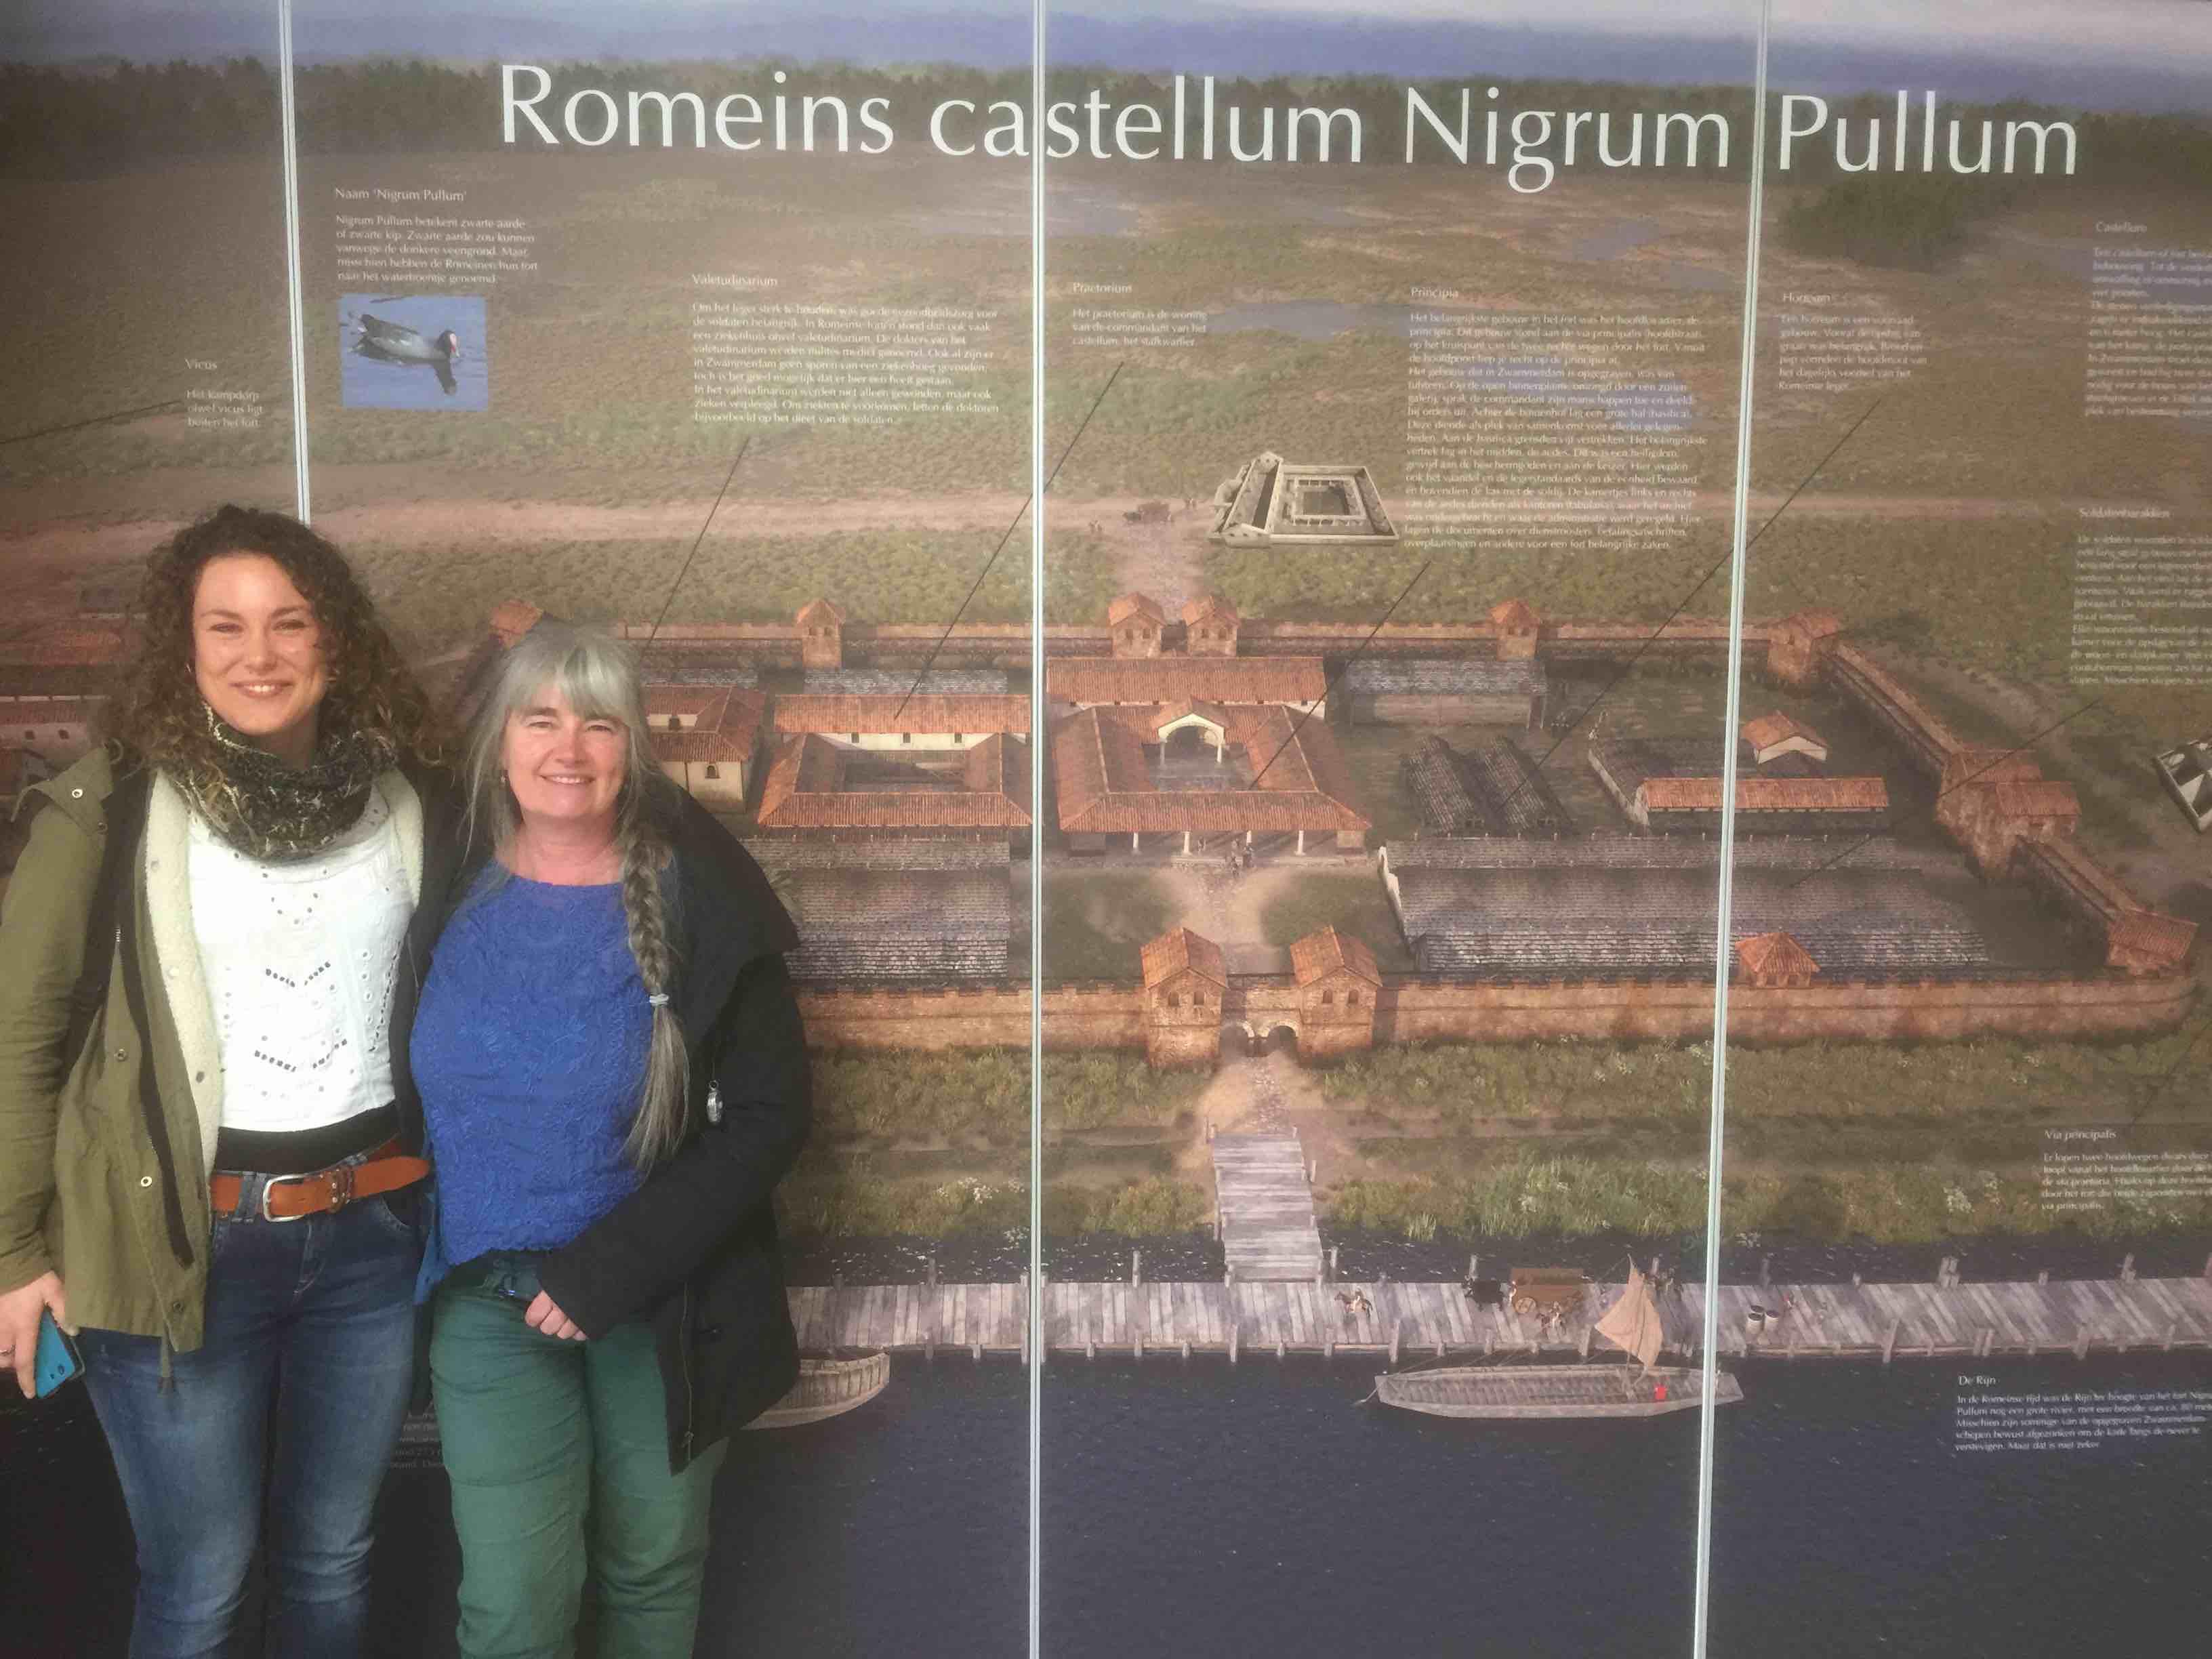 Rozemarijn Buitenhuis en Claudia Thunnissen voor een van de prachtige wanden van de tentoostelling van het Limesbezoekercentrum NIGRVM PVLLVM.